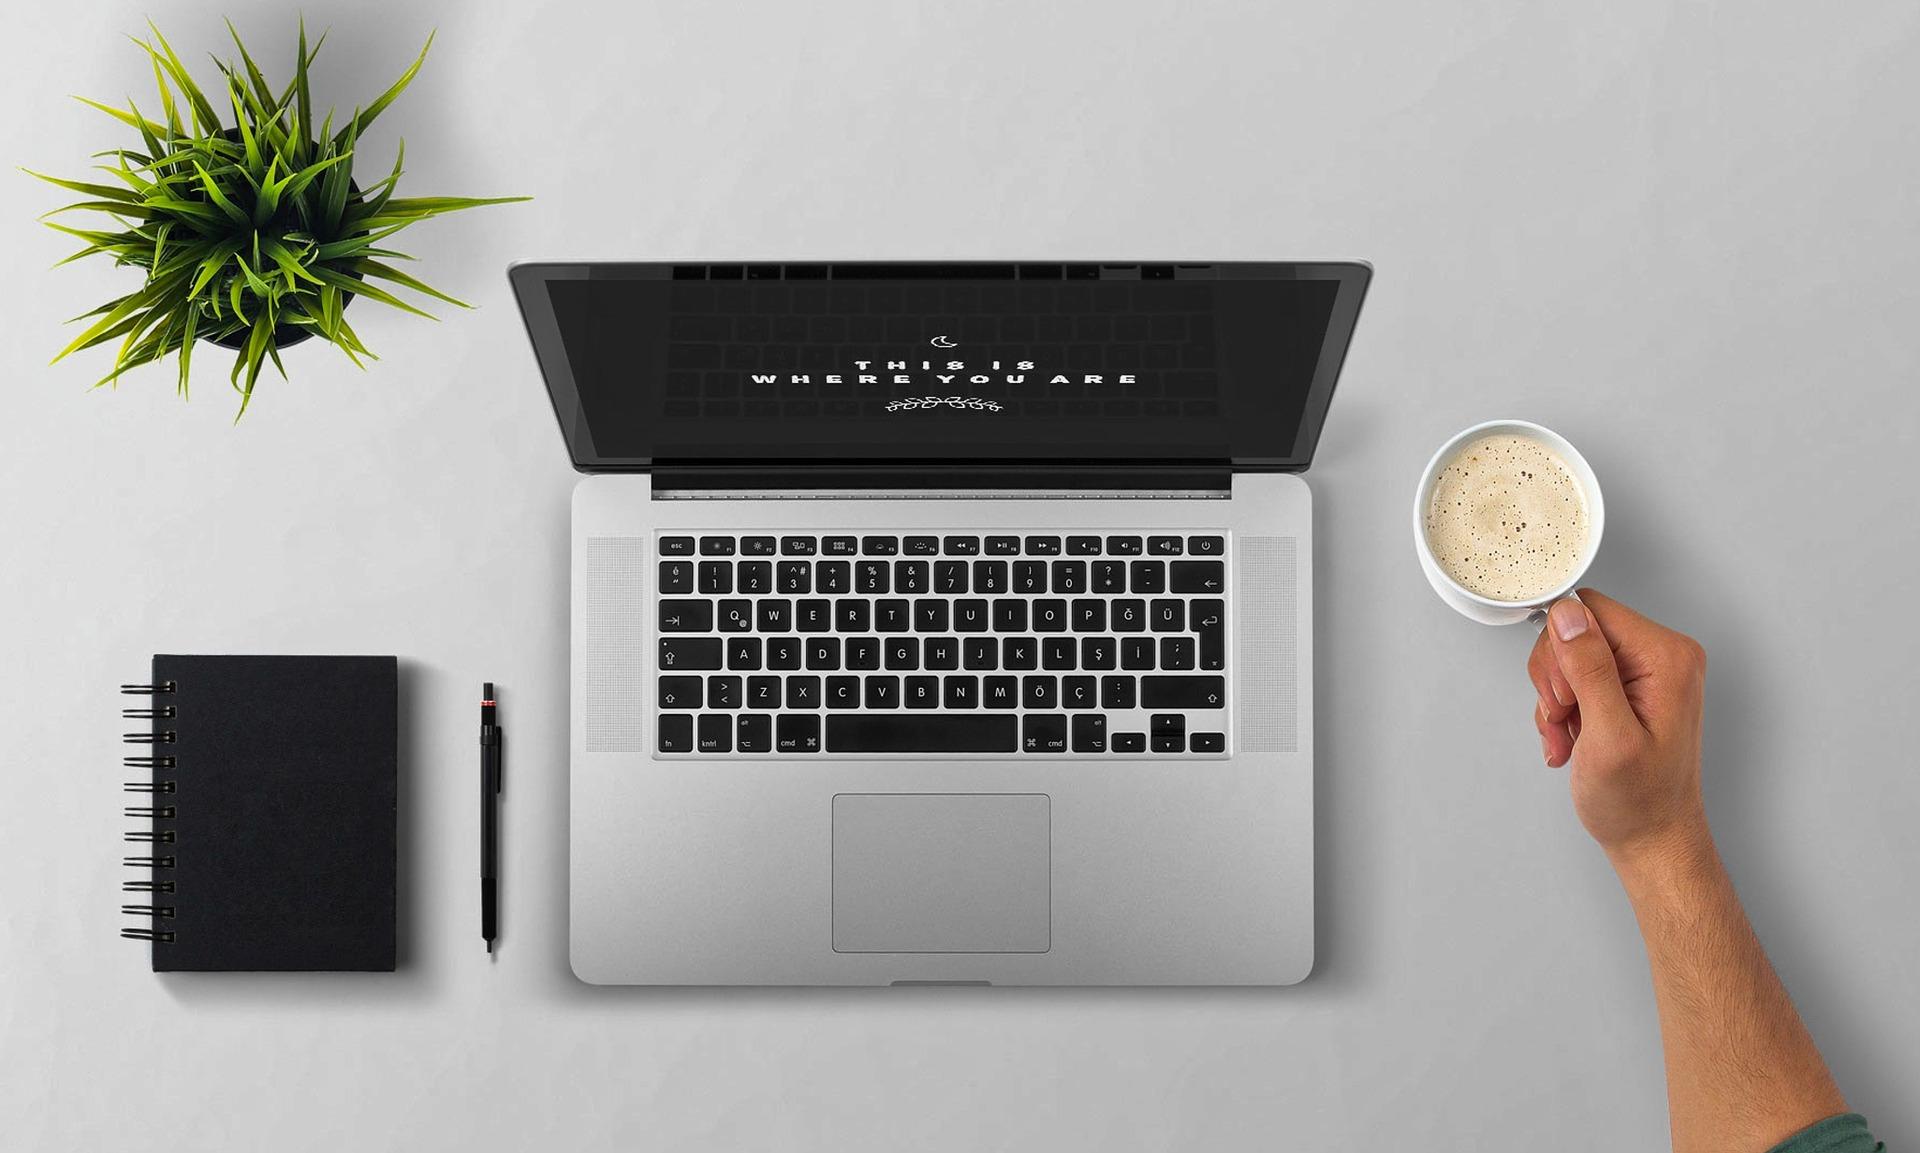 Uľahčite si a zviditeľnite svoje podnikanie s výhodami online marketingu